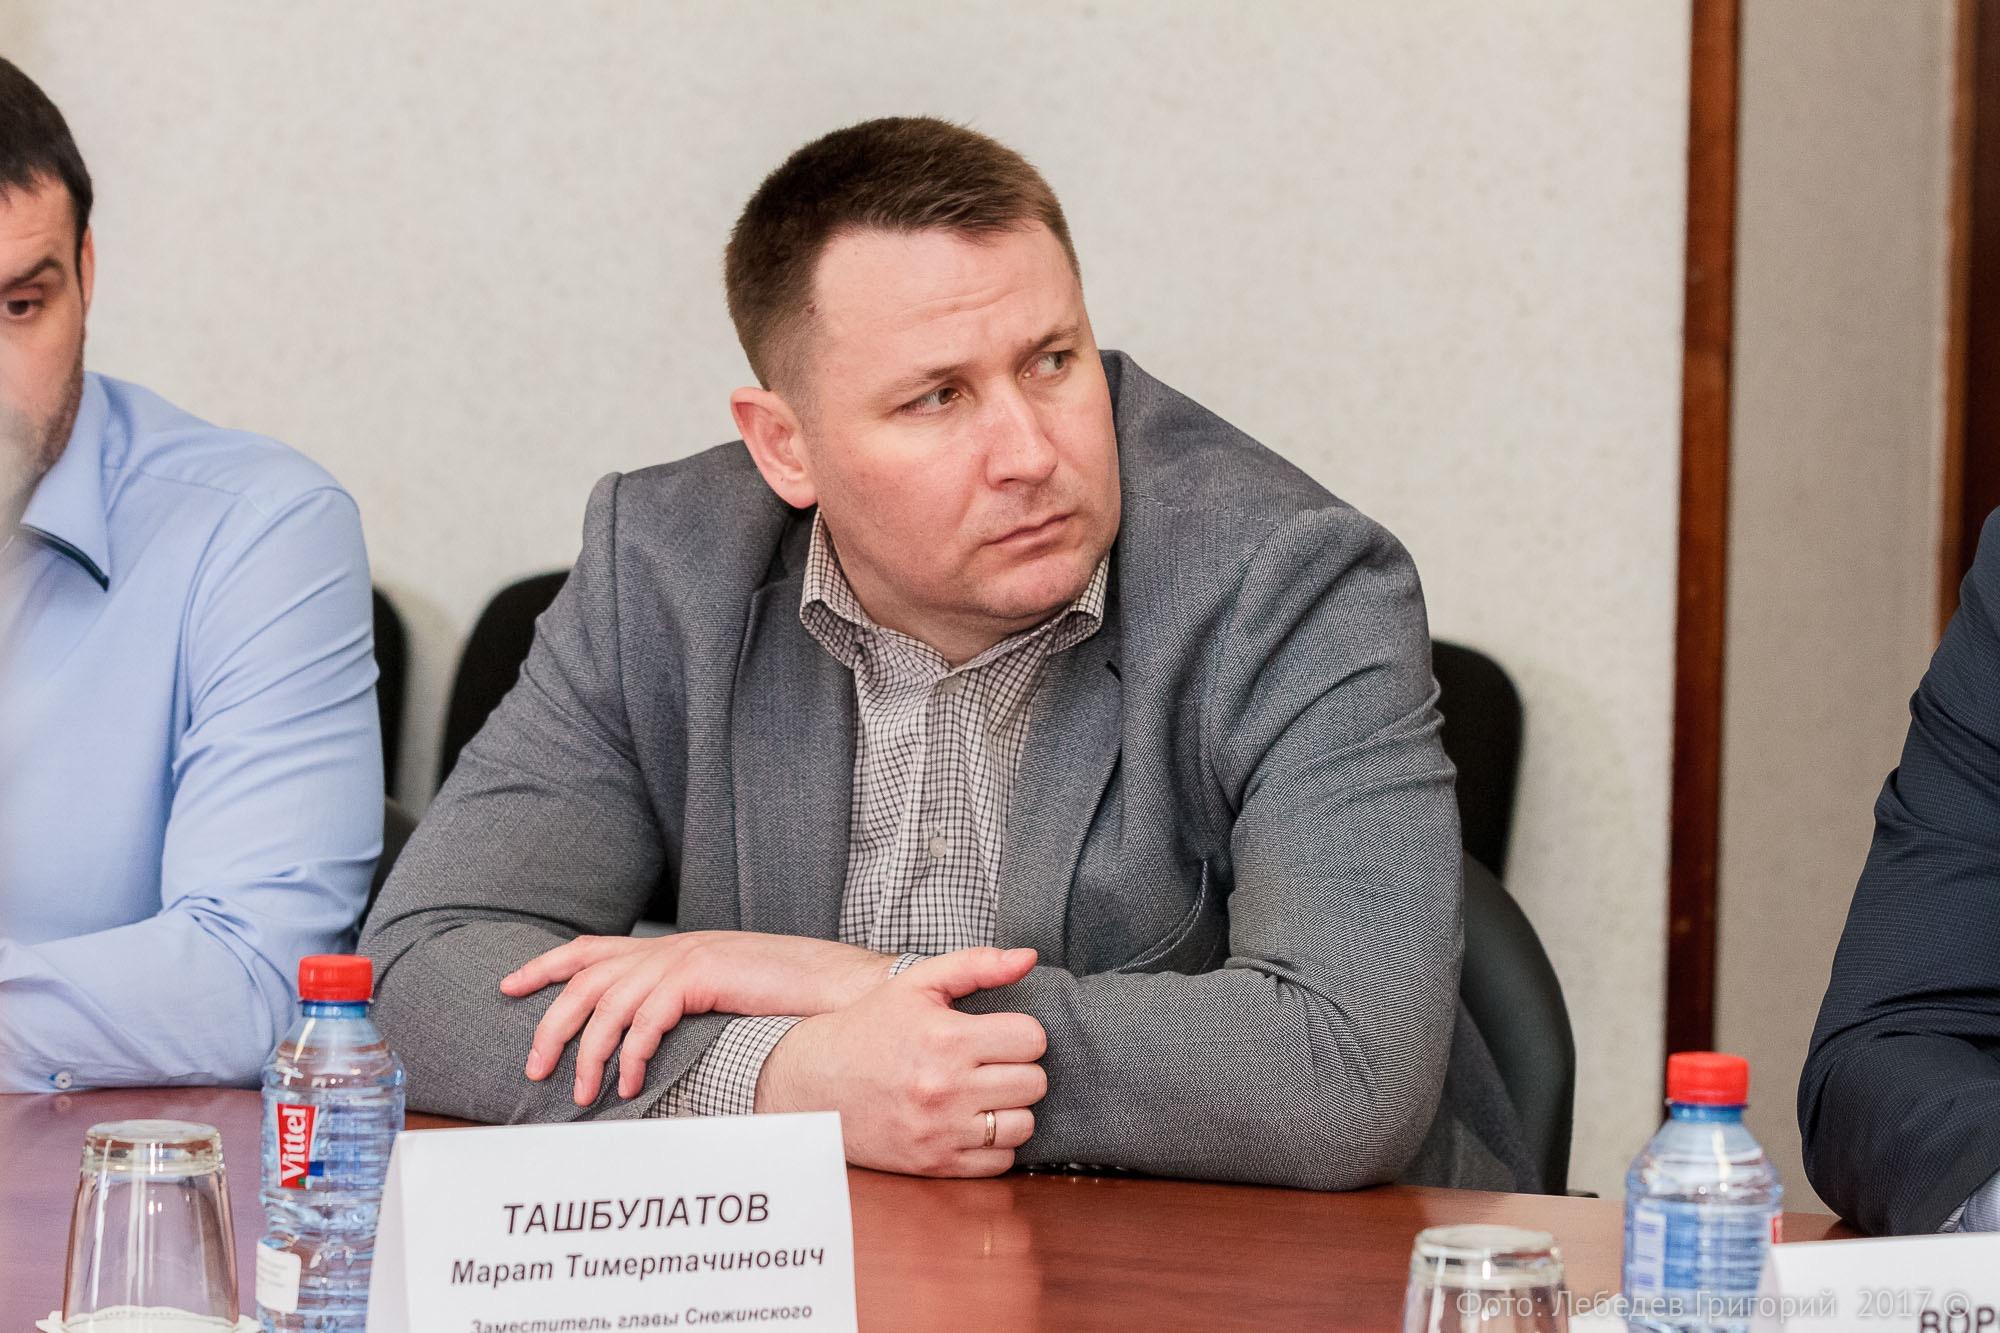 Новости о убийствах в украине